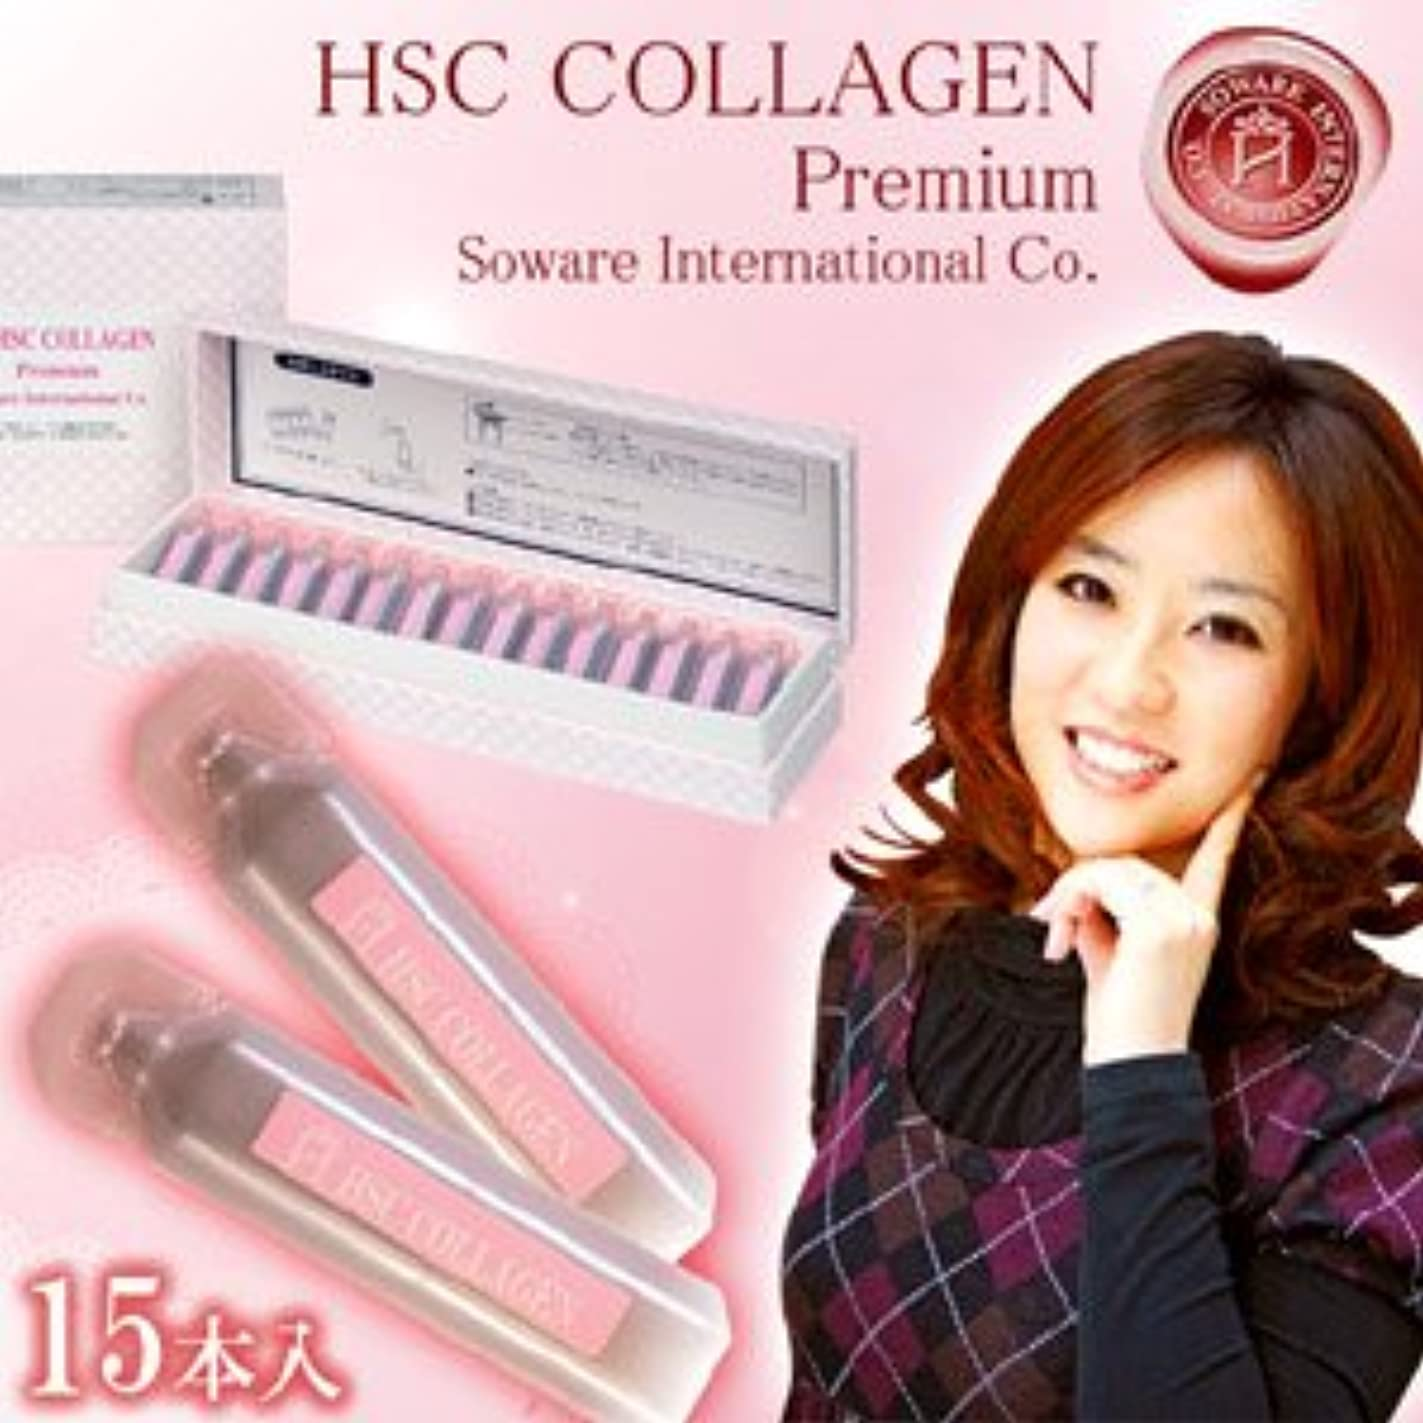 届ける配管迅速生コラーゲン濃縮液 HSCコラーゲンプレミアム(15本組)